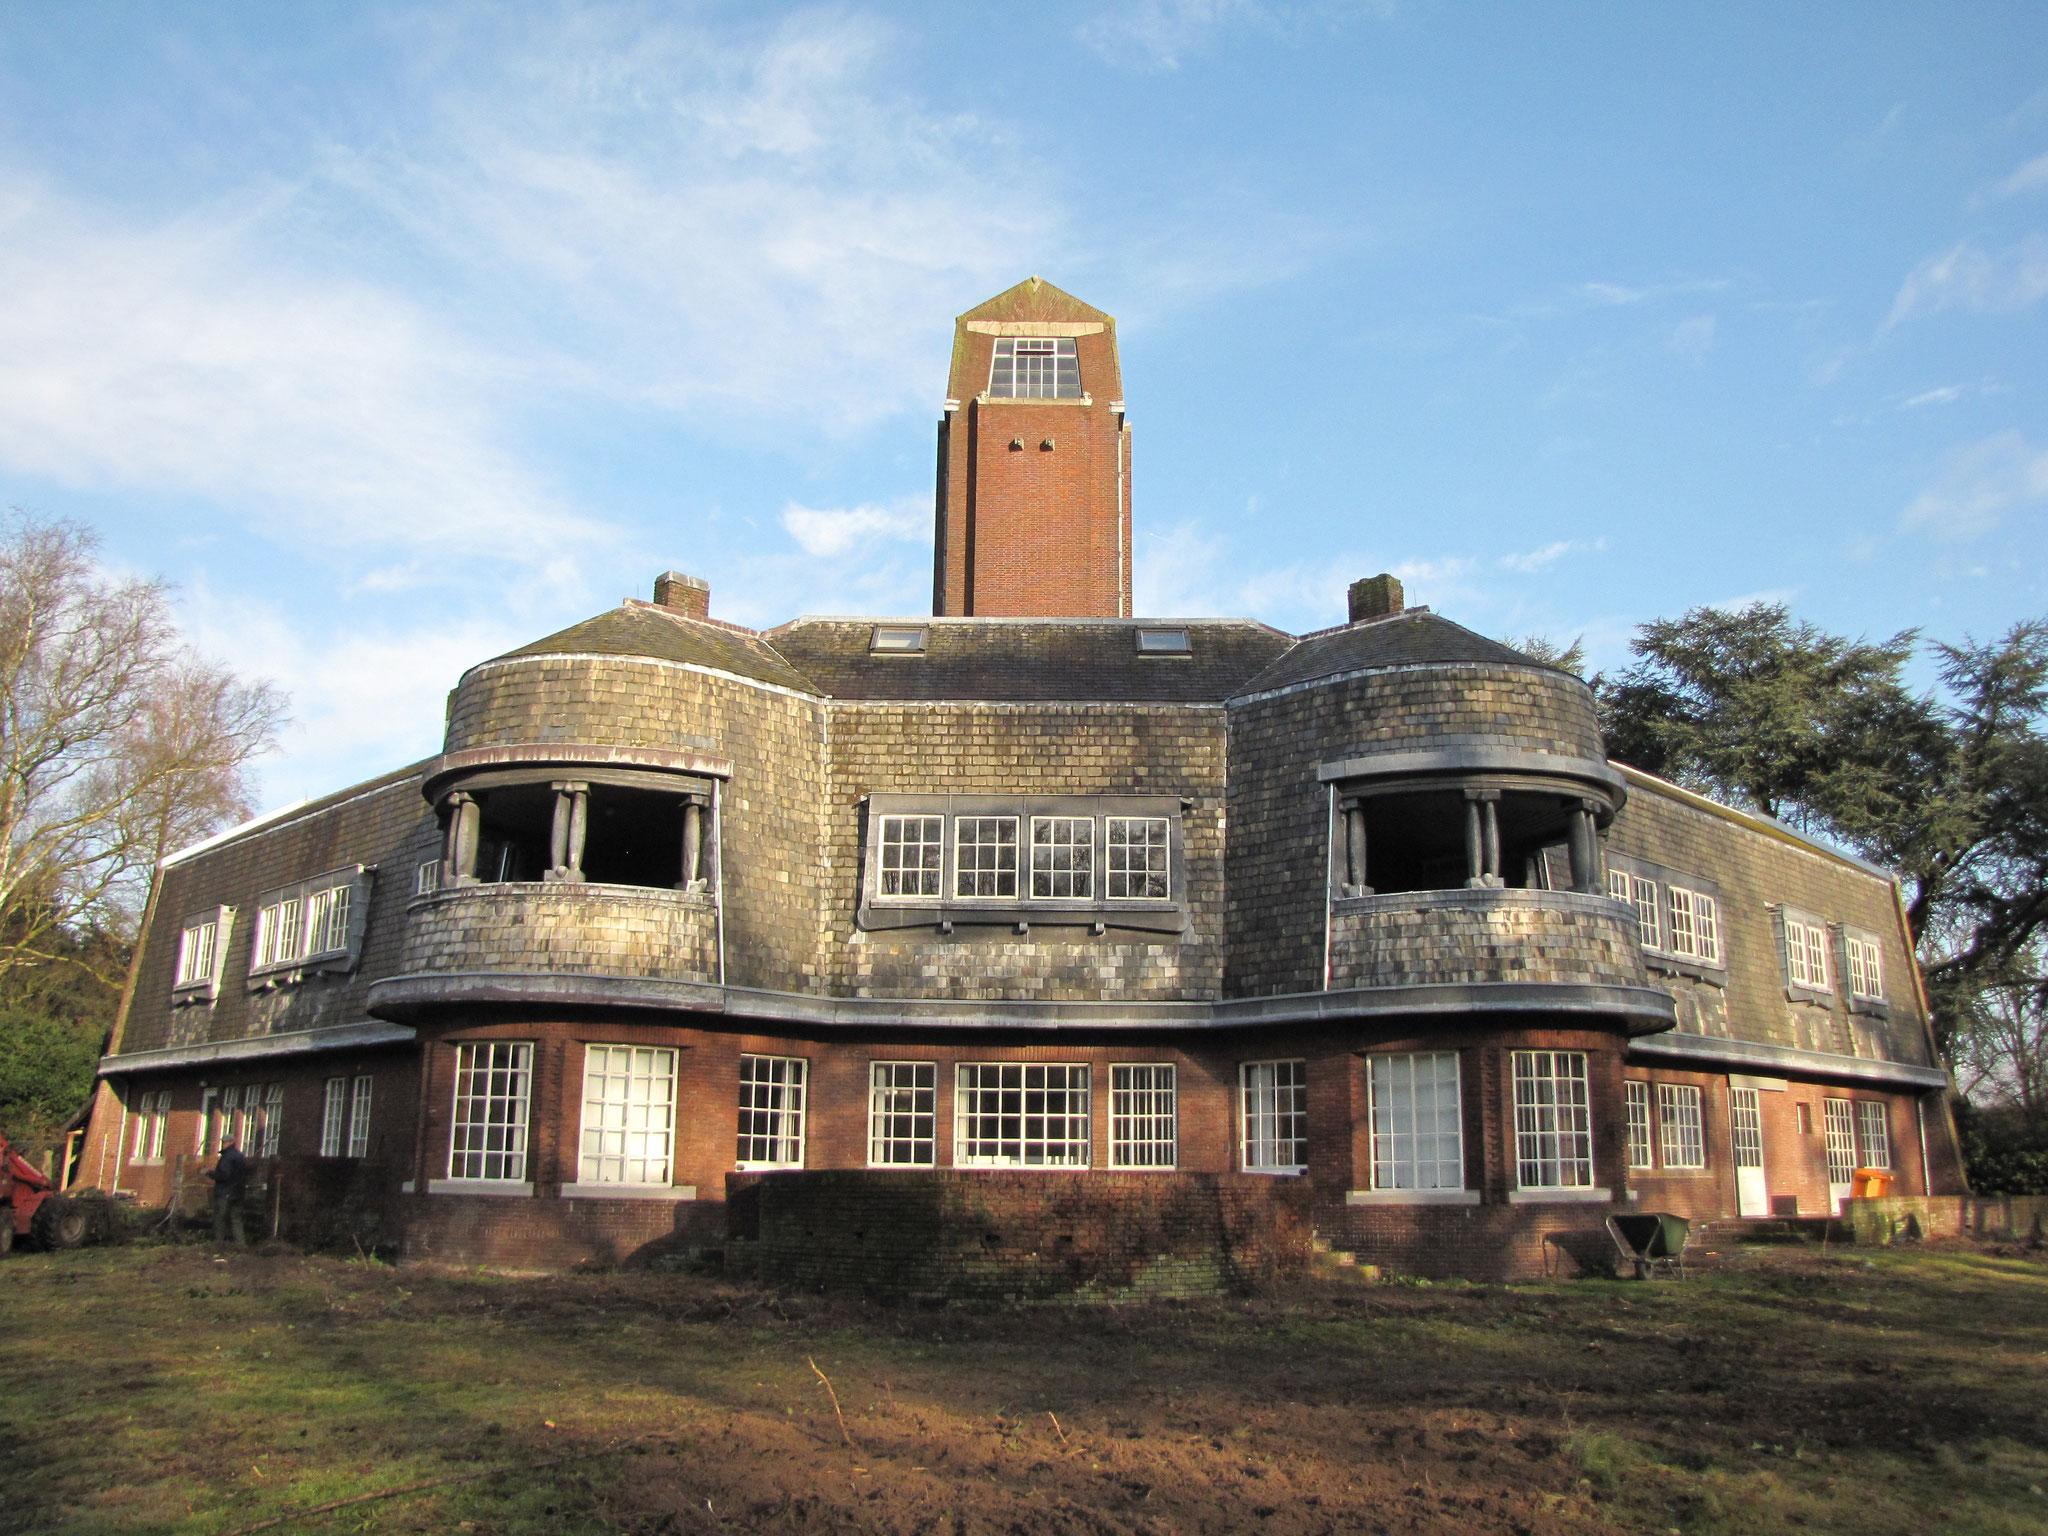 Tuinzijde van Villa Carp, met de karakteristieke erkers en loggia's.